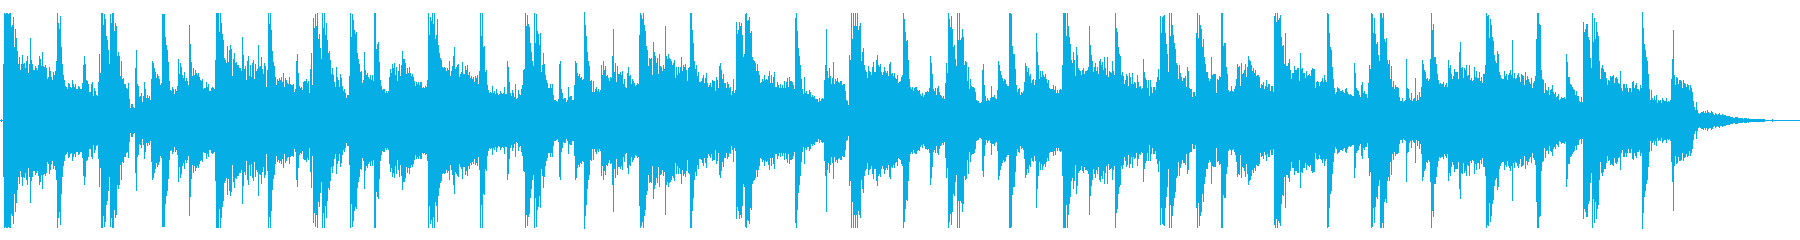 溶けそうなR&B_No635_4の再生済みの波形